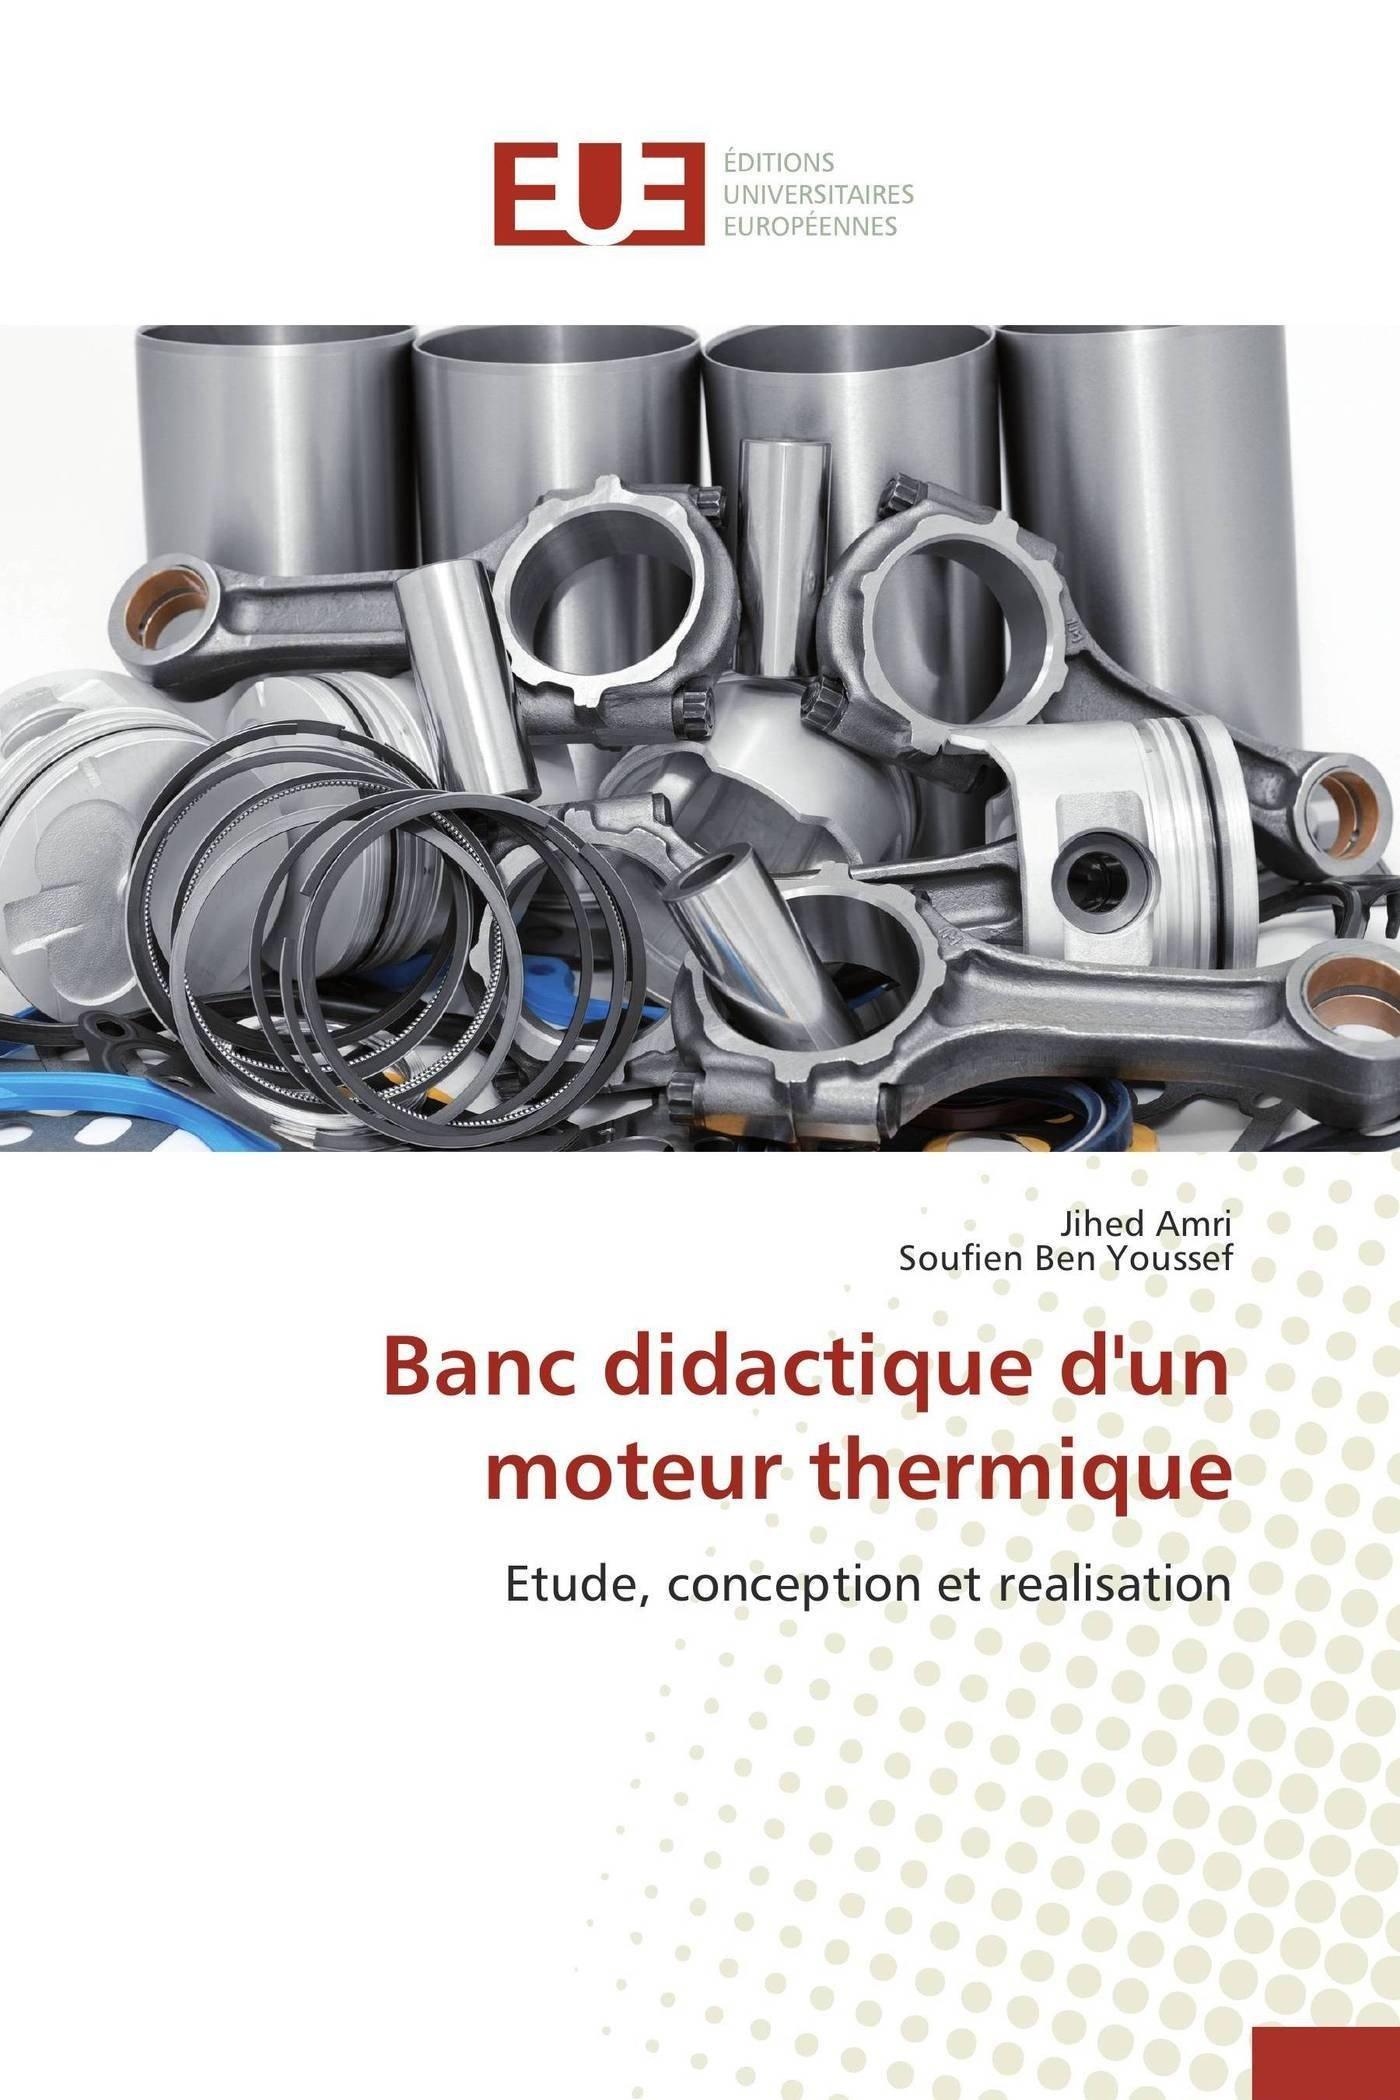 Banc didactique d'un moteur thermique Broché – 5 mars 2015 Collectif Univ Européenne 3841786936 Essais littéraires